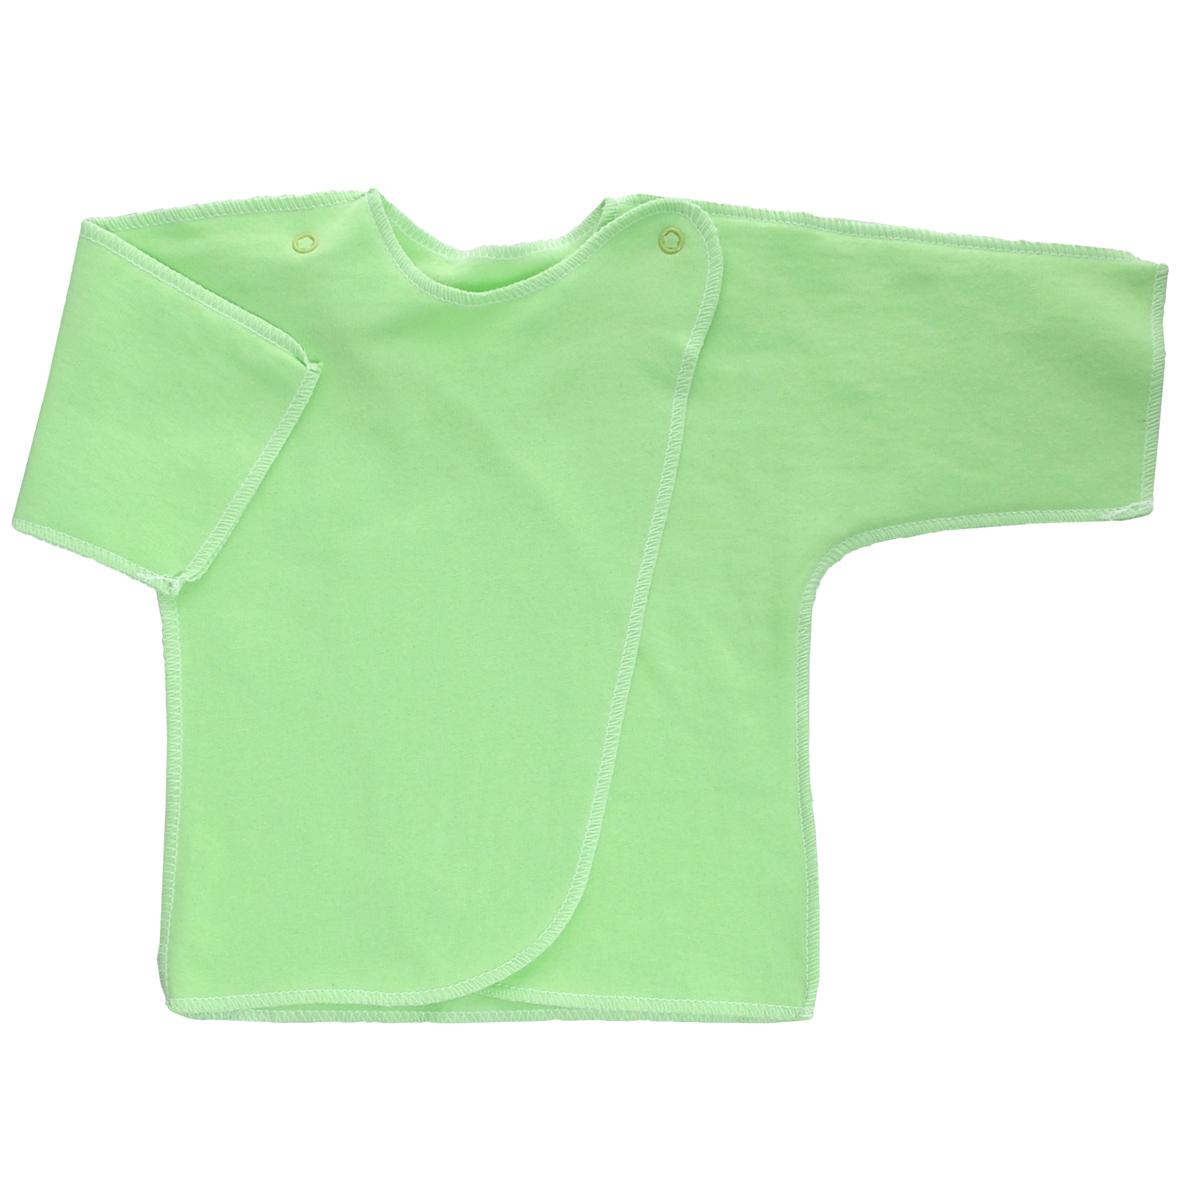 Распашонка Трон-Плюс, цвет: салатовый. 5022. Размер 62, 3 месяца5022Распашонка Трон-плюс послужит идеальным дополнением к гардеробу младенца. Распашонка с рукавами-кимоно, выполненная швами наружу, изготовлена из футера - натурального хлопка, благодаря чему она необычайно мягкая и легкая, не раздражает нежную кожу ребенка и хорошо вентилируется, а эластичные швы приятны телу малыша и не препятствуют его движениям. Распашонка с запахом, застегивается при помощи двух кнопок на плечах, которые позволяют без труда переодеть ребенка. Распашонка полностью соответствует особенностям жизни ребенка в ранний период, не стесняя и не ограничивая его в движениях.